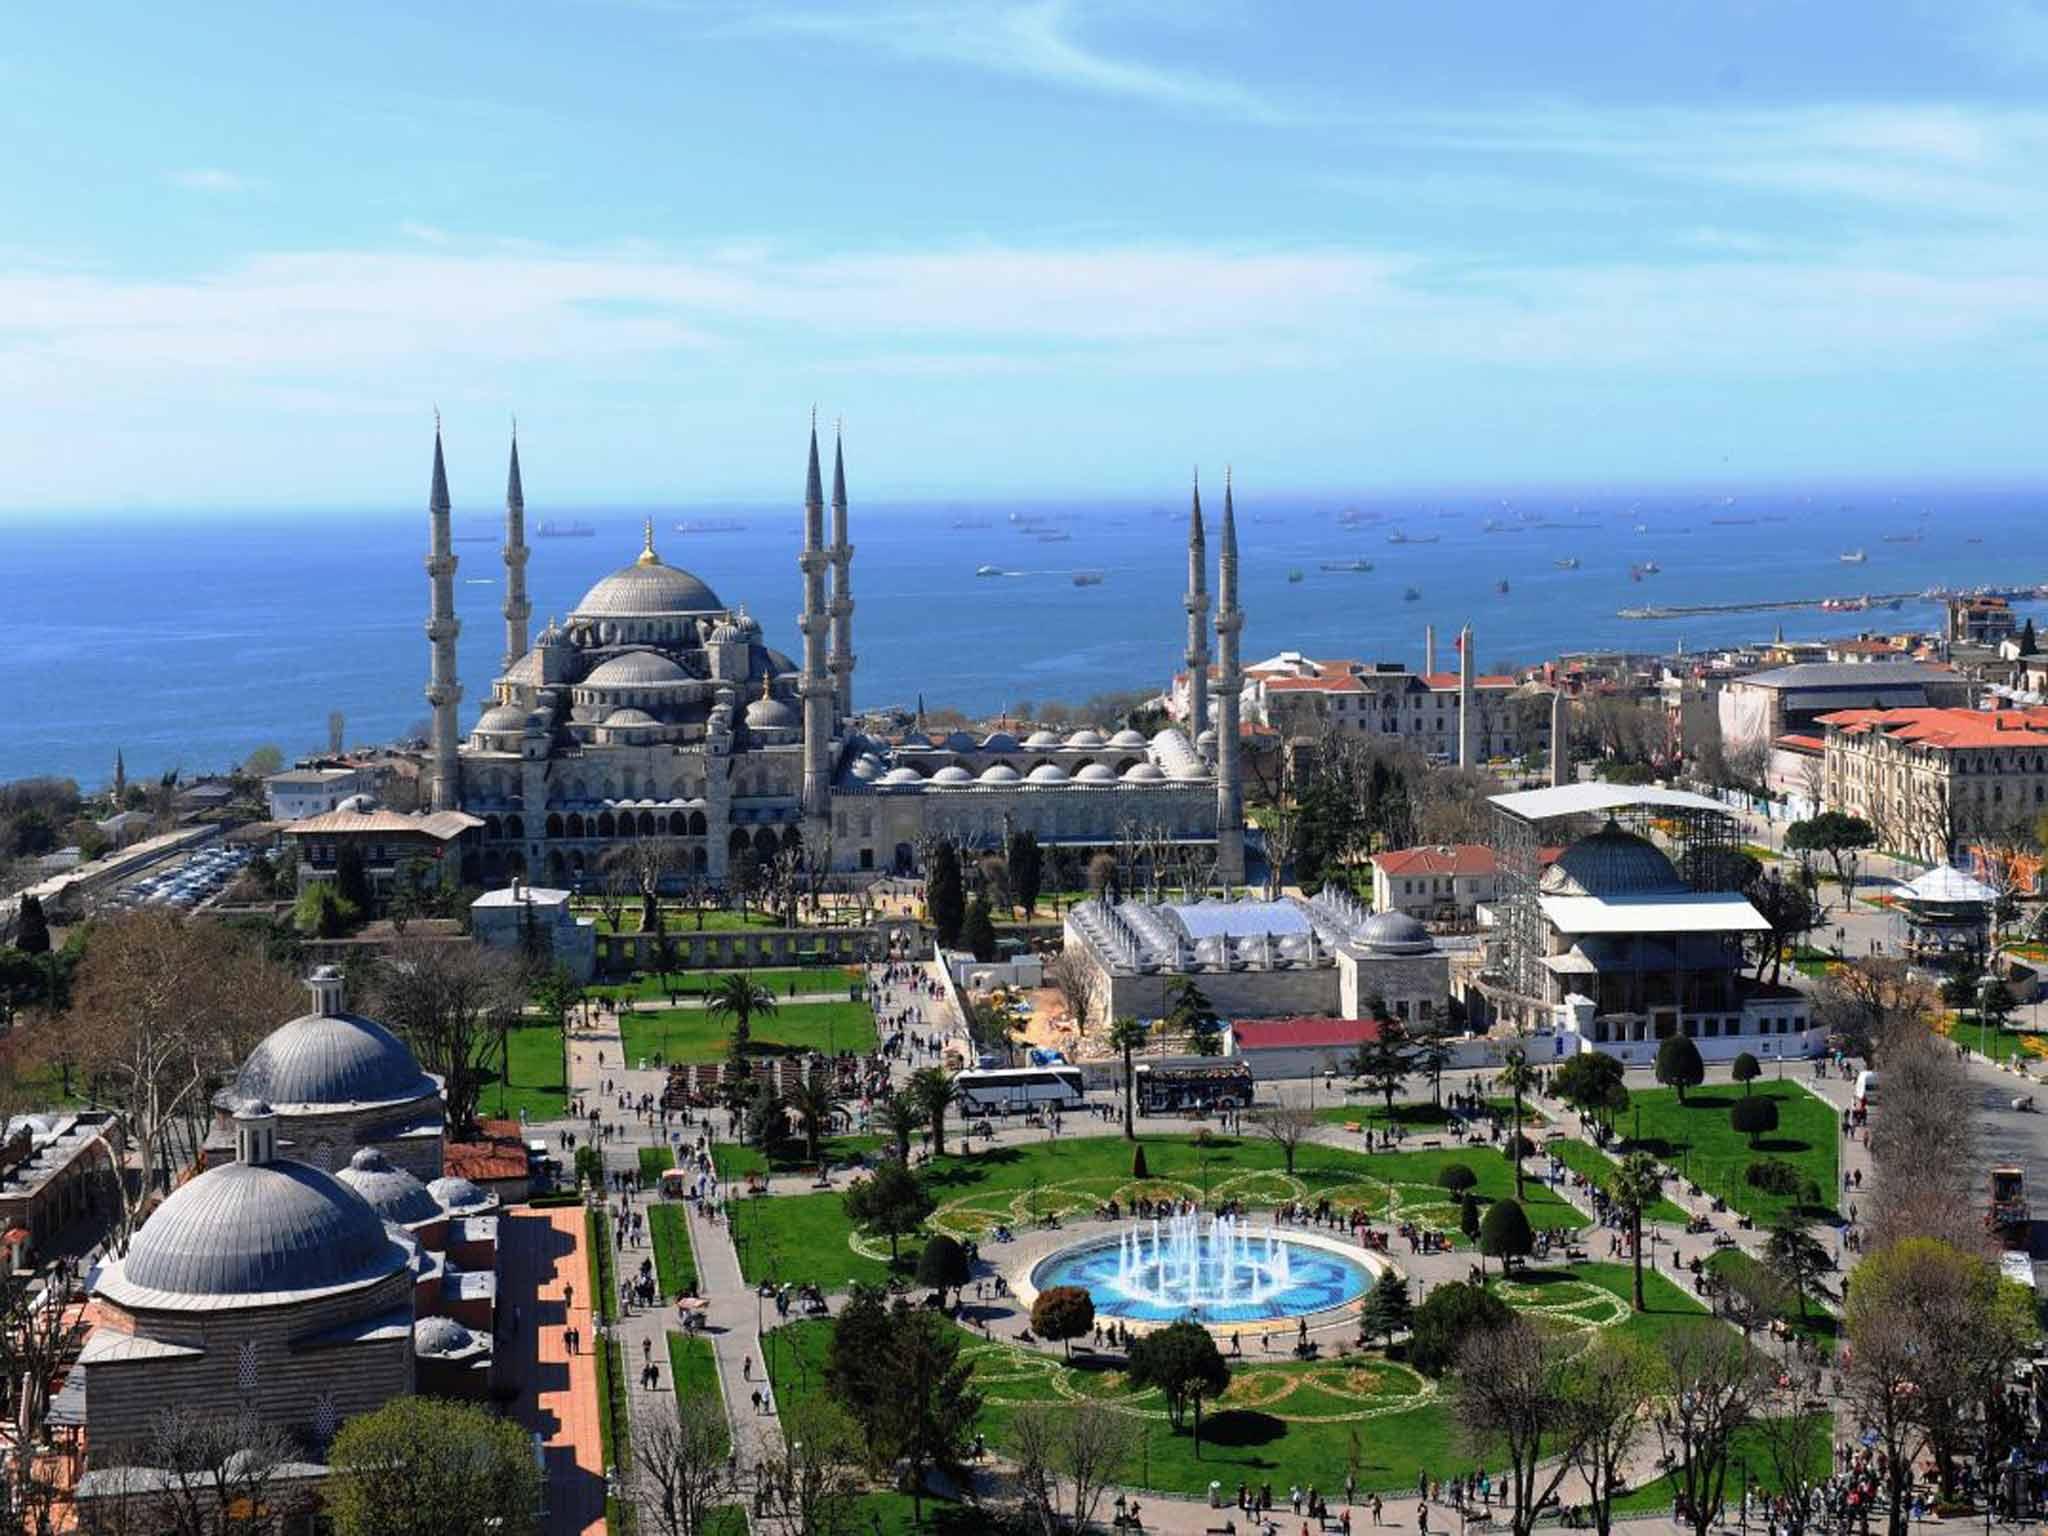 Обои Султанахмет, пролив, башни, Пейзаж, голубая мечеть, дворец, турция, стамбул. Города foto 9